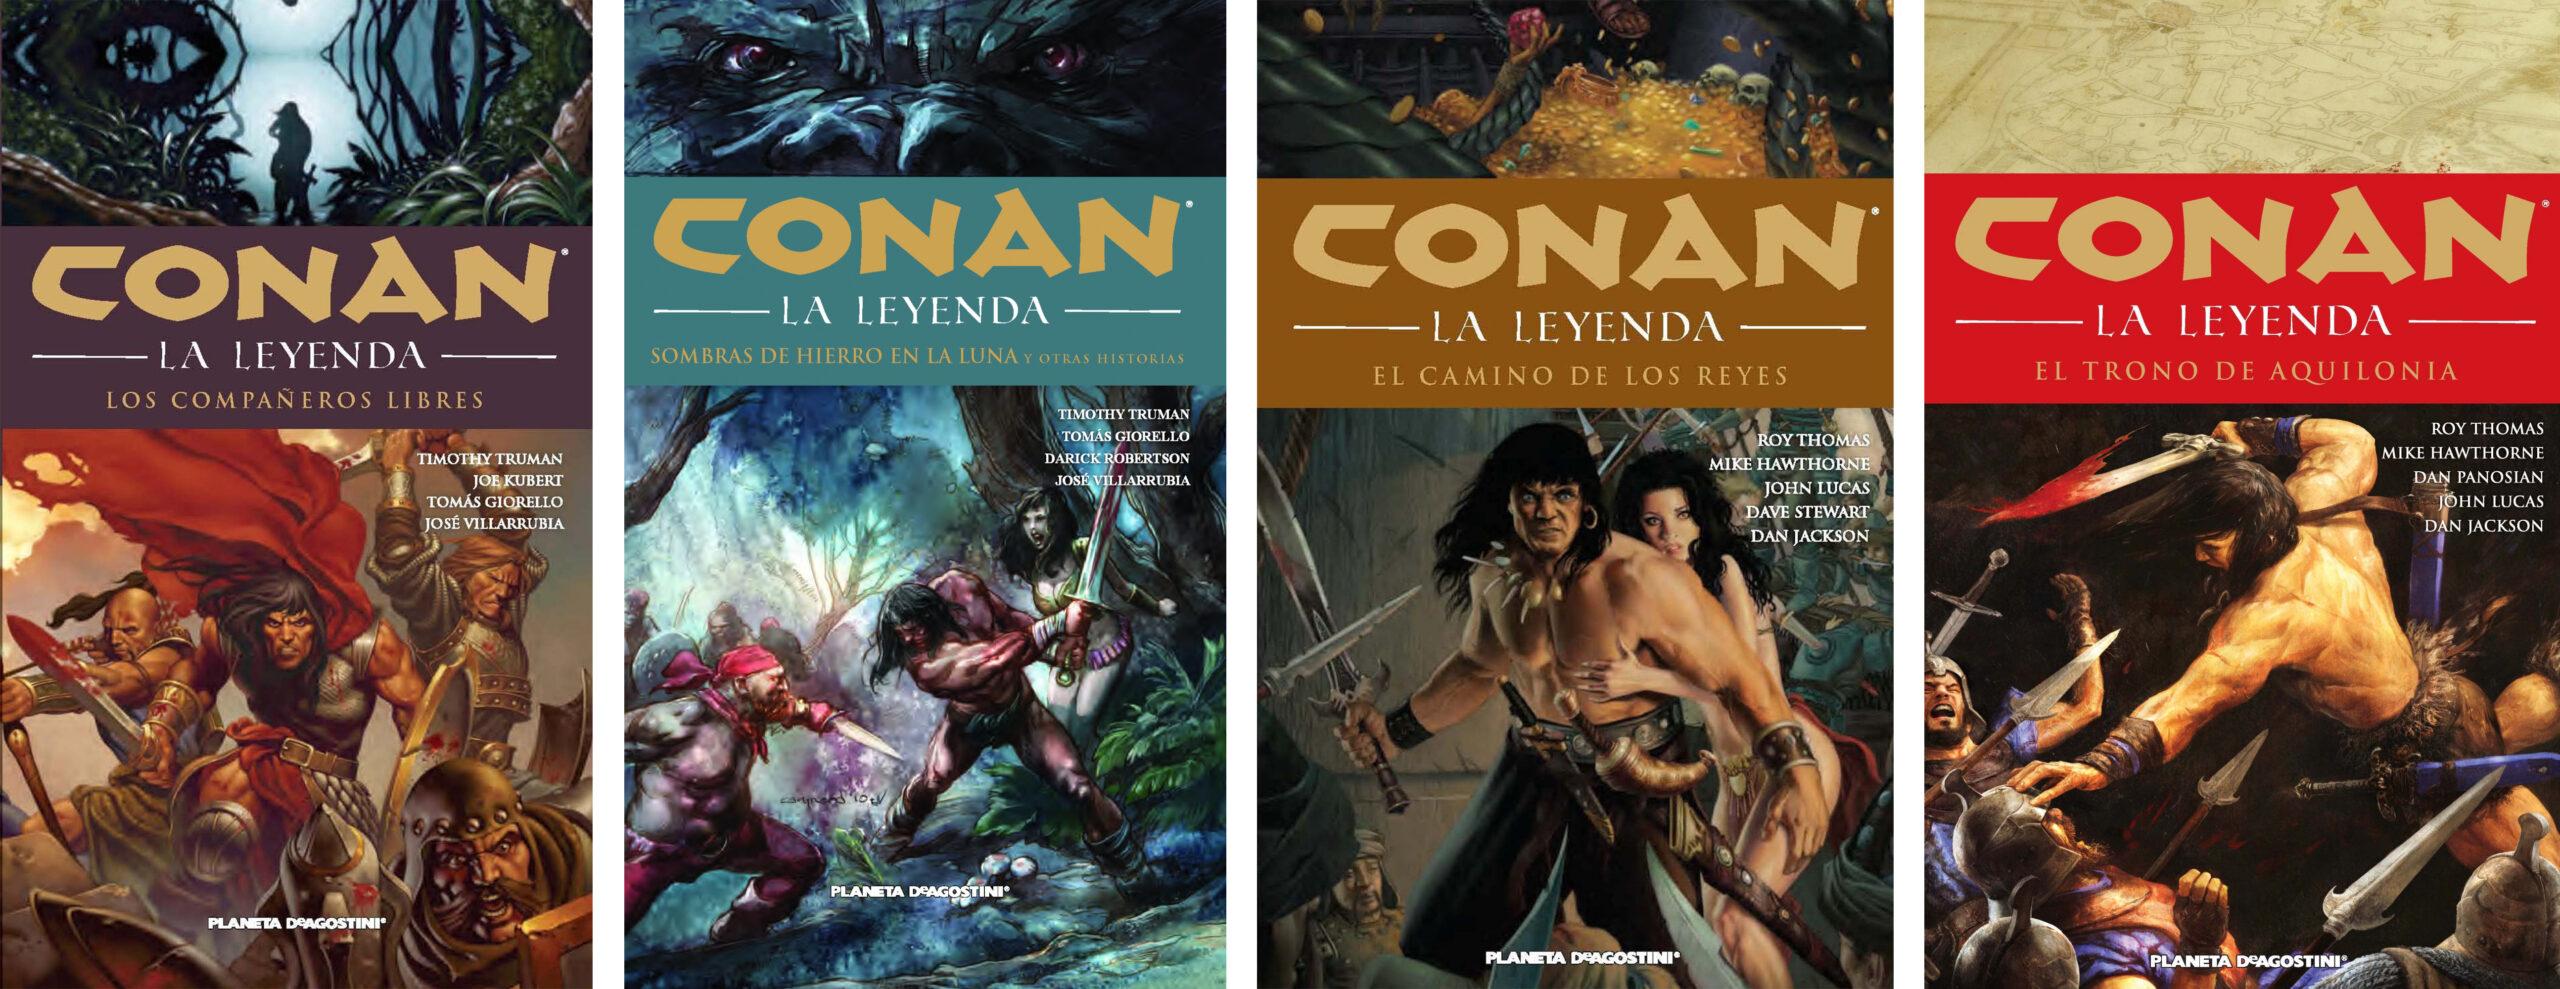 Conan: La leyenda (integral) 4